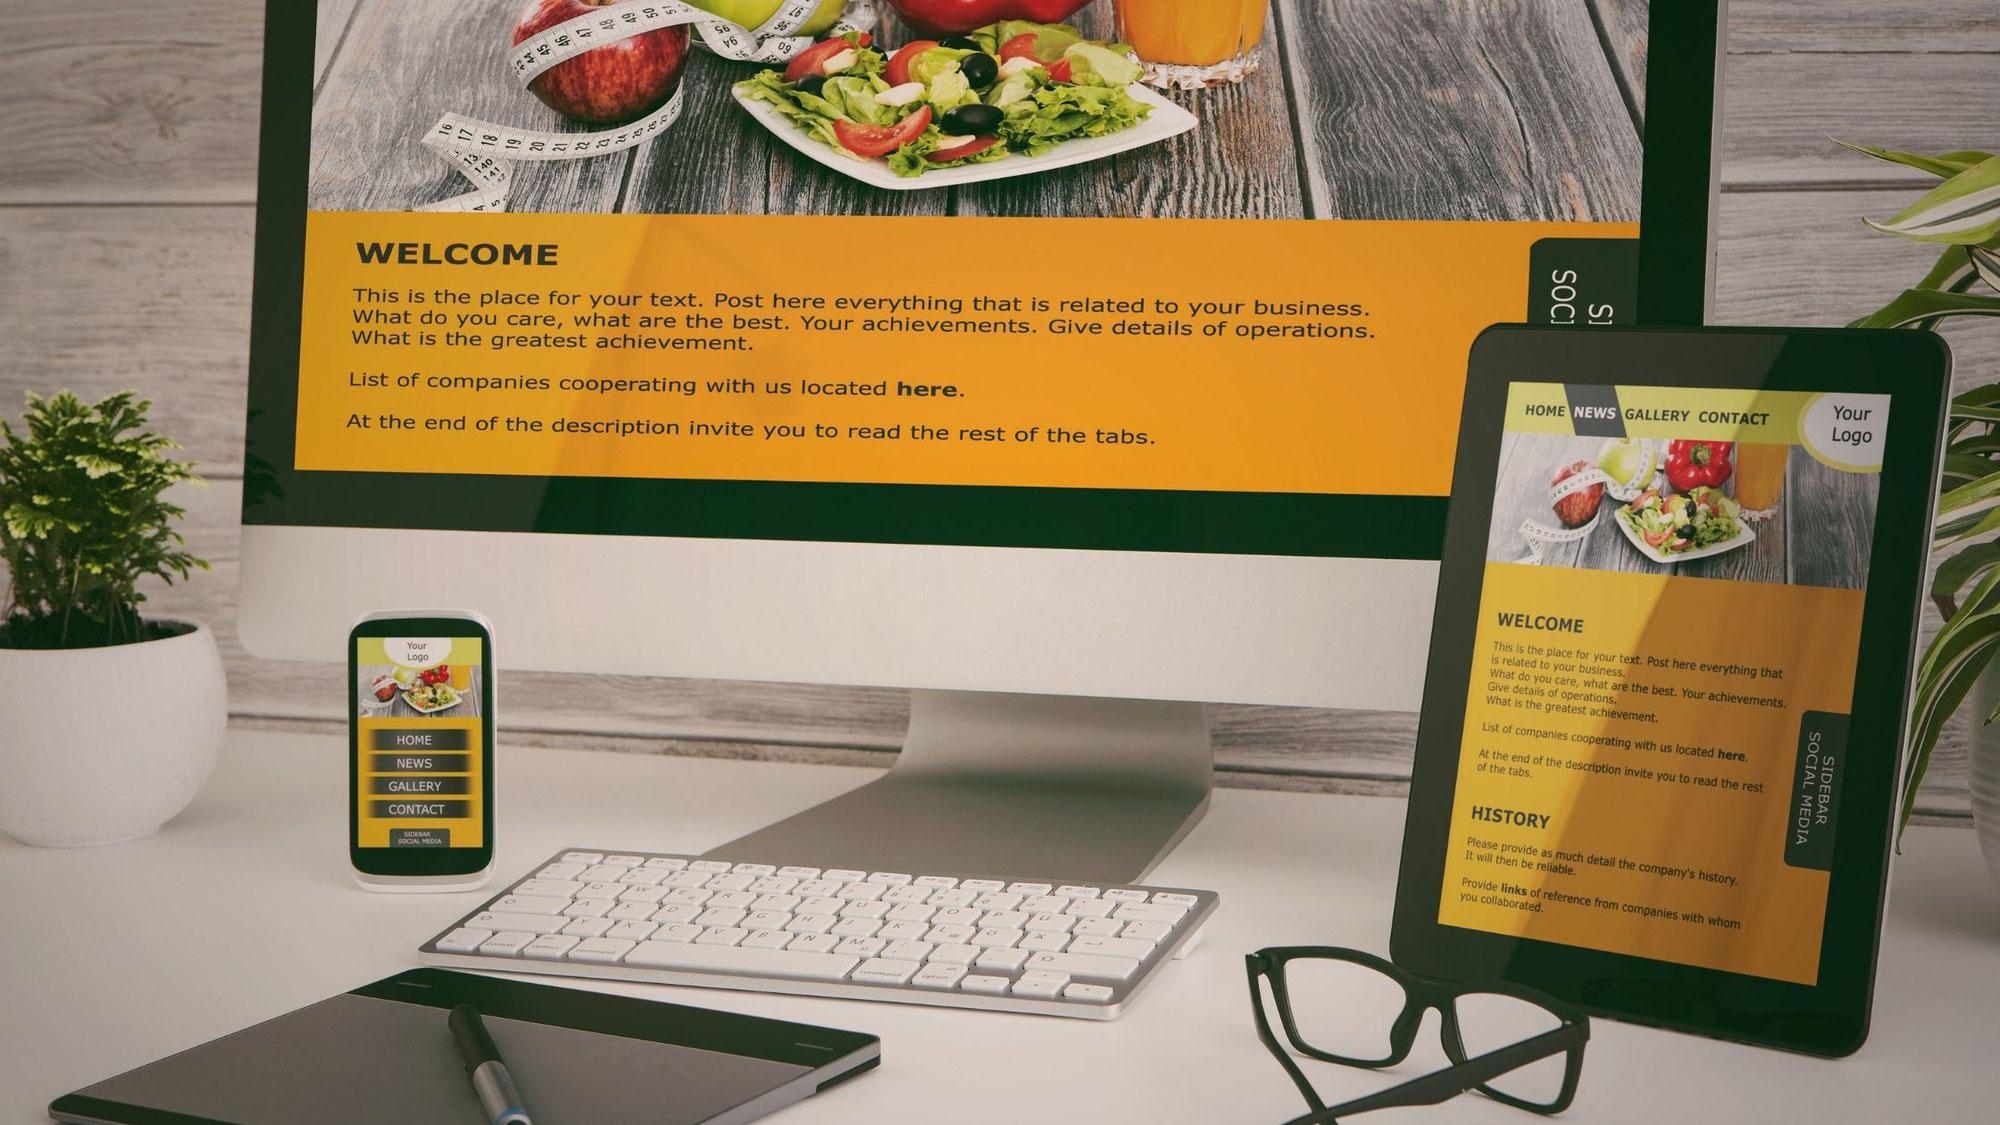 フリーランスのWebデザイナーは、はっきり言って食べていけるの?